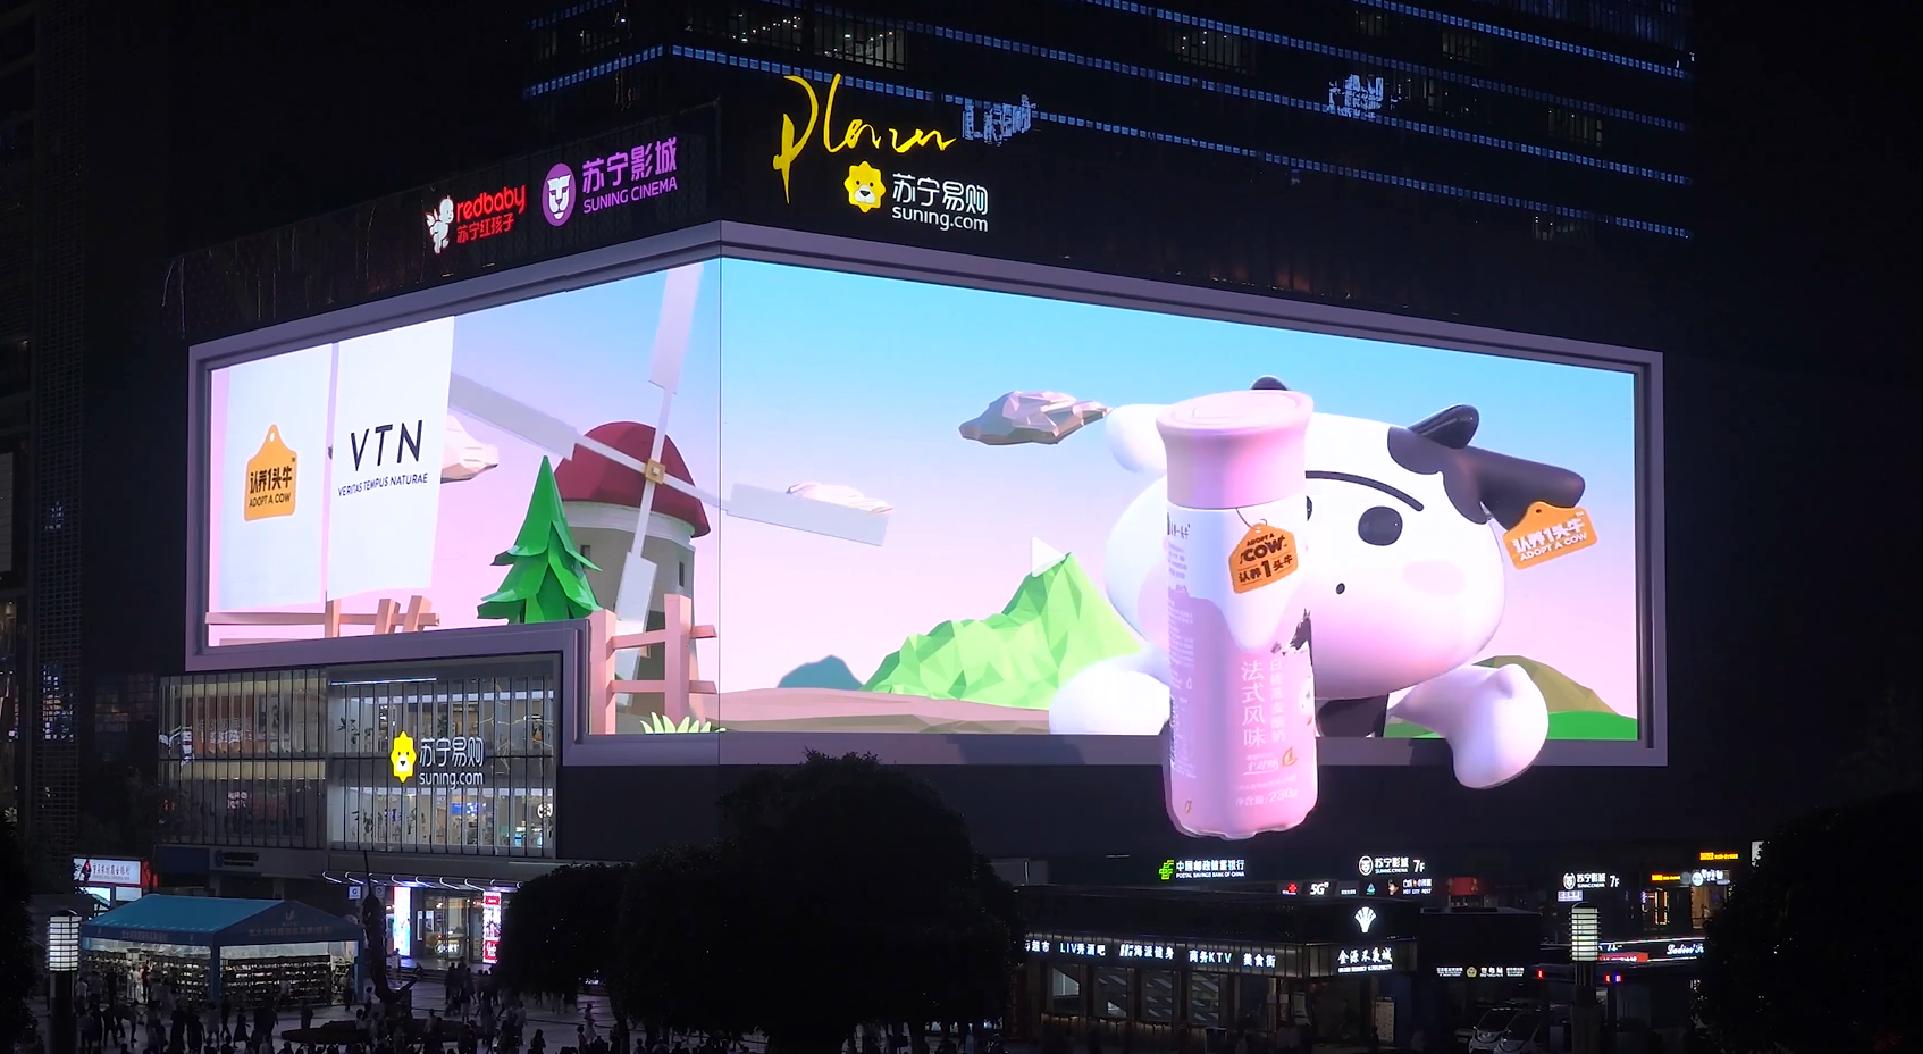 【户外大屏】重庆观音桥商圈亚洲之光裸眼3D大屏